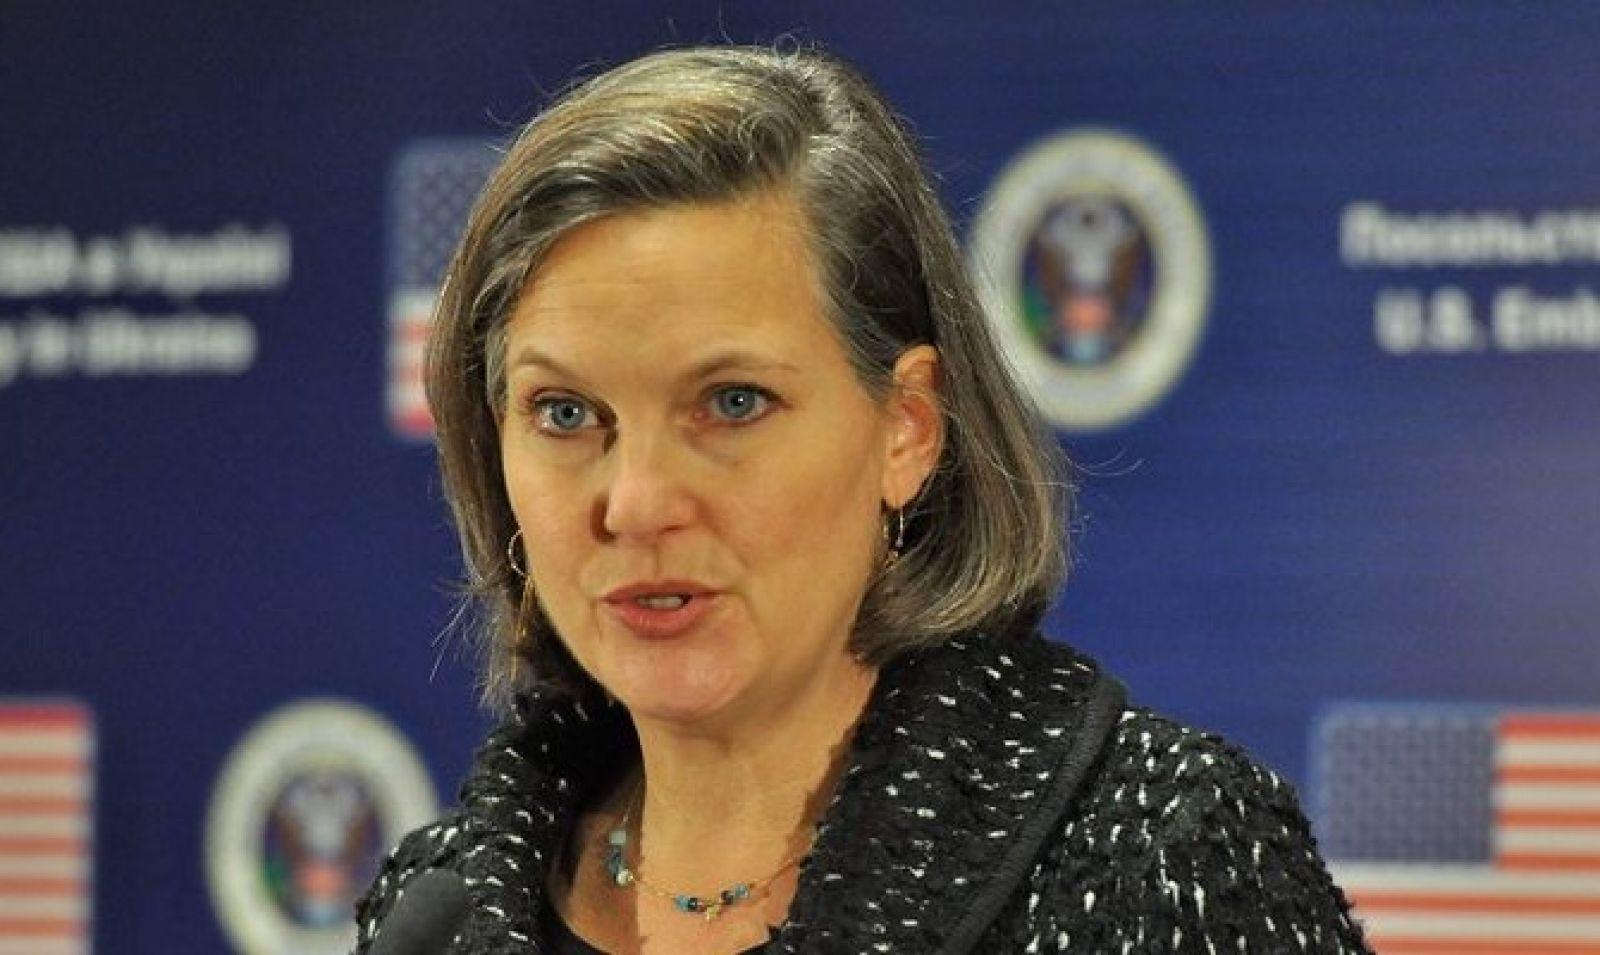 Визит госсекретаря США в Украину: Нуланд прибудет вместе с Блинкеном – опубликовано заявление